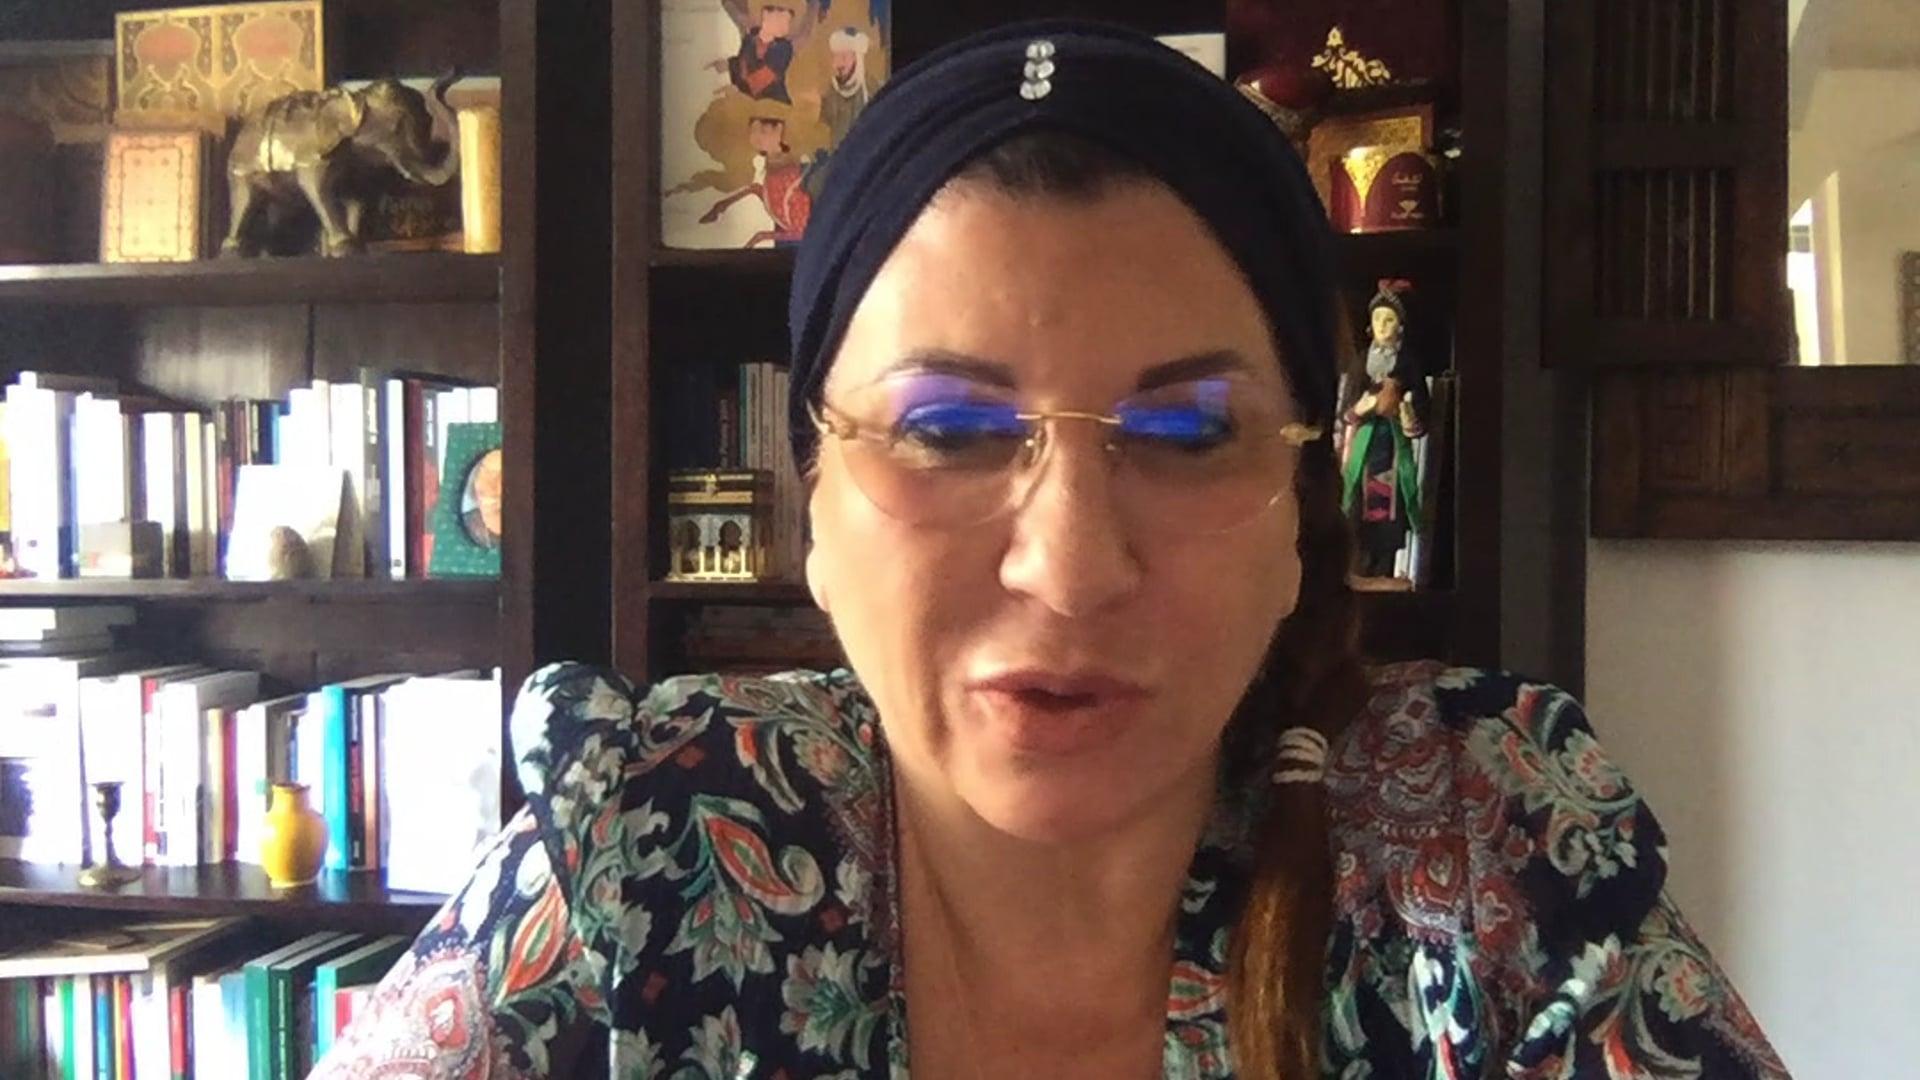 La recrudescence des idéologies extrémistes après le COVID19, par Dounia Bouzar